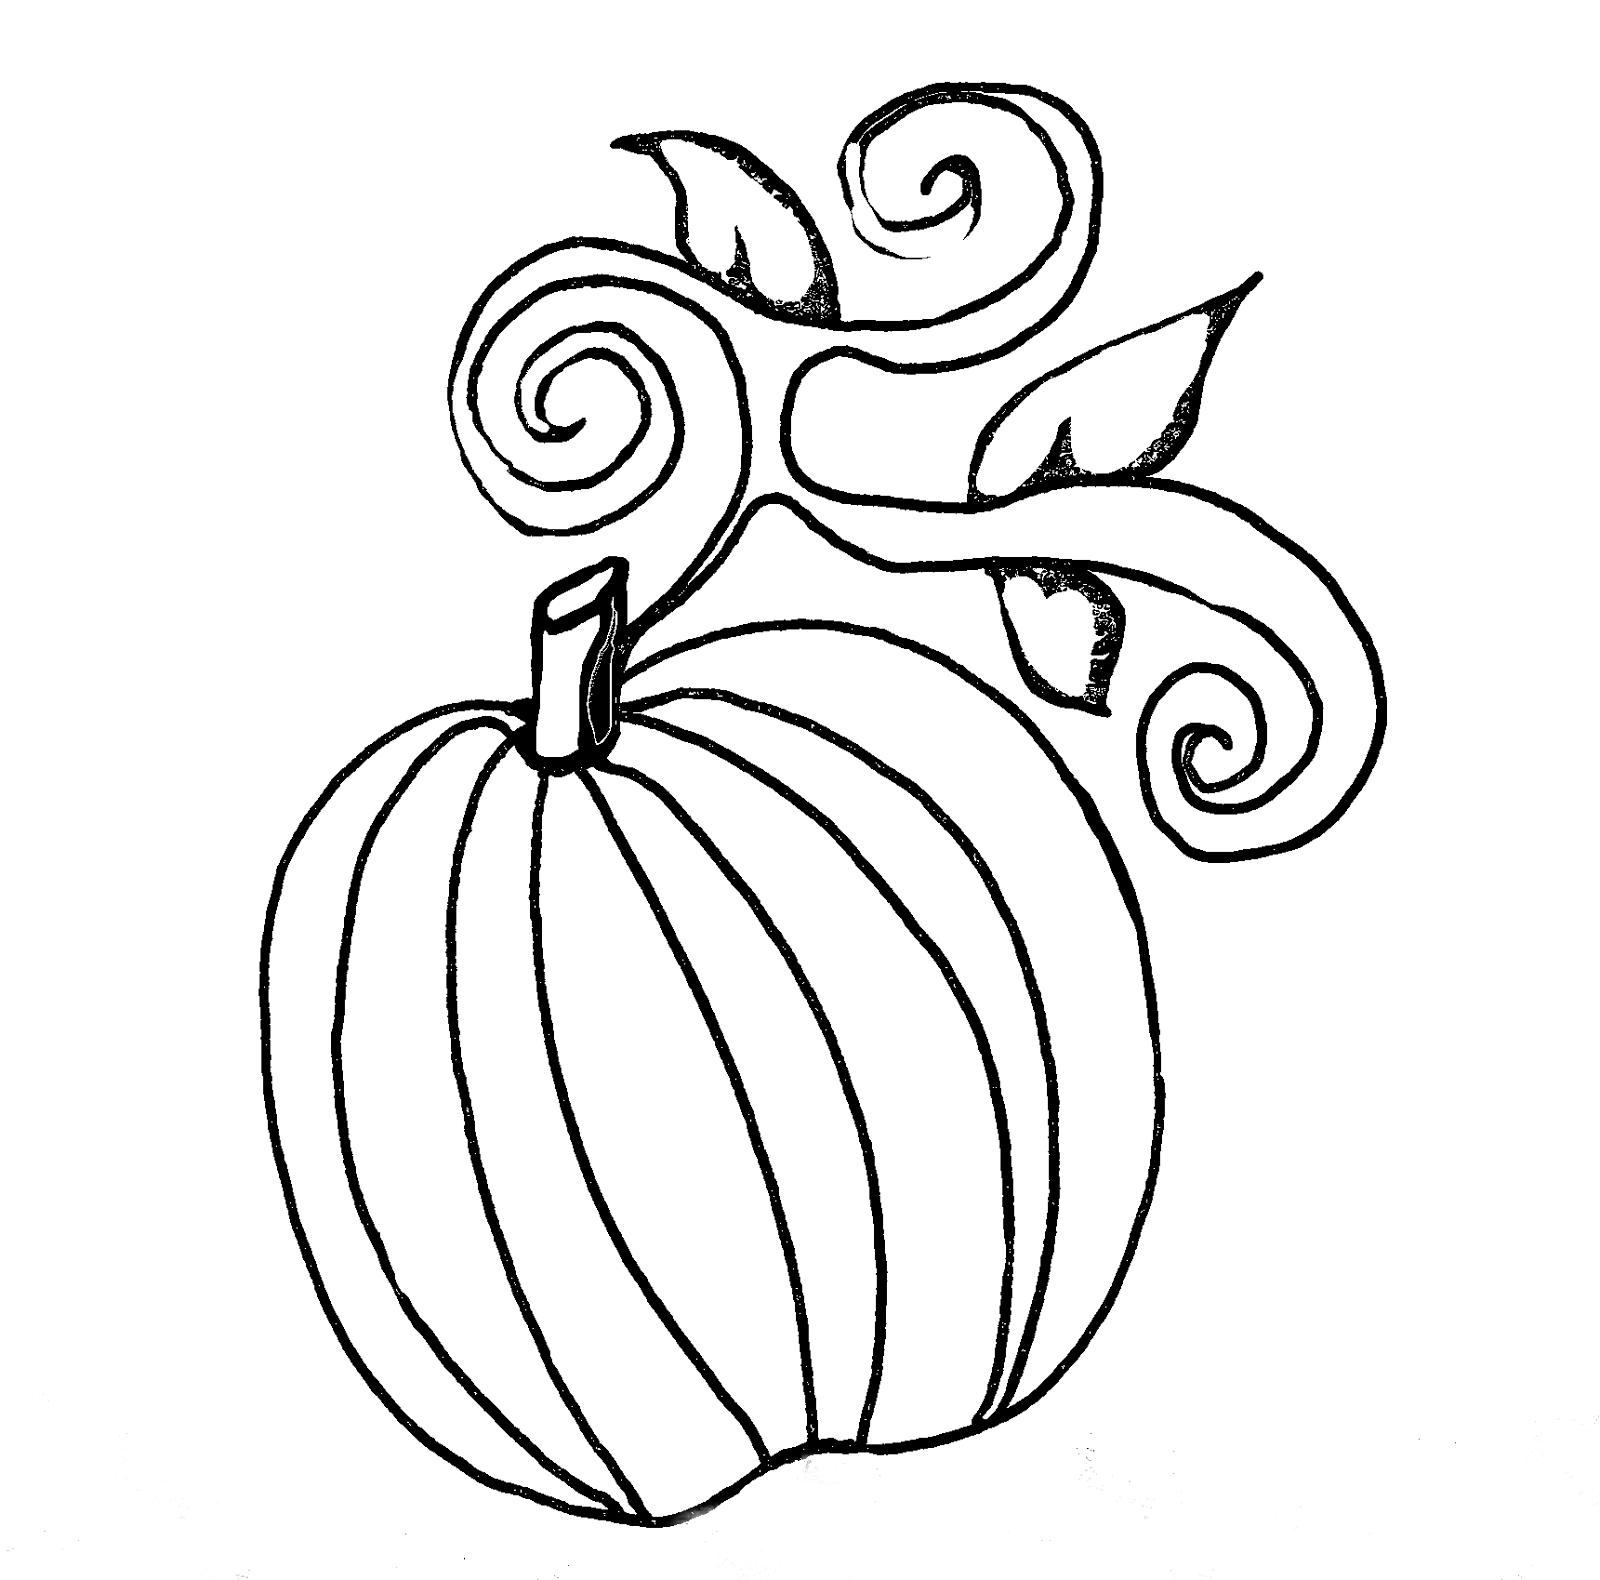 Drawn pumpkin themed Pumpkins For Drawing Drawn Jesus: